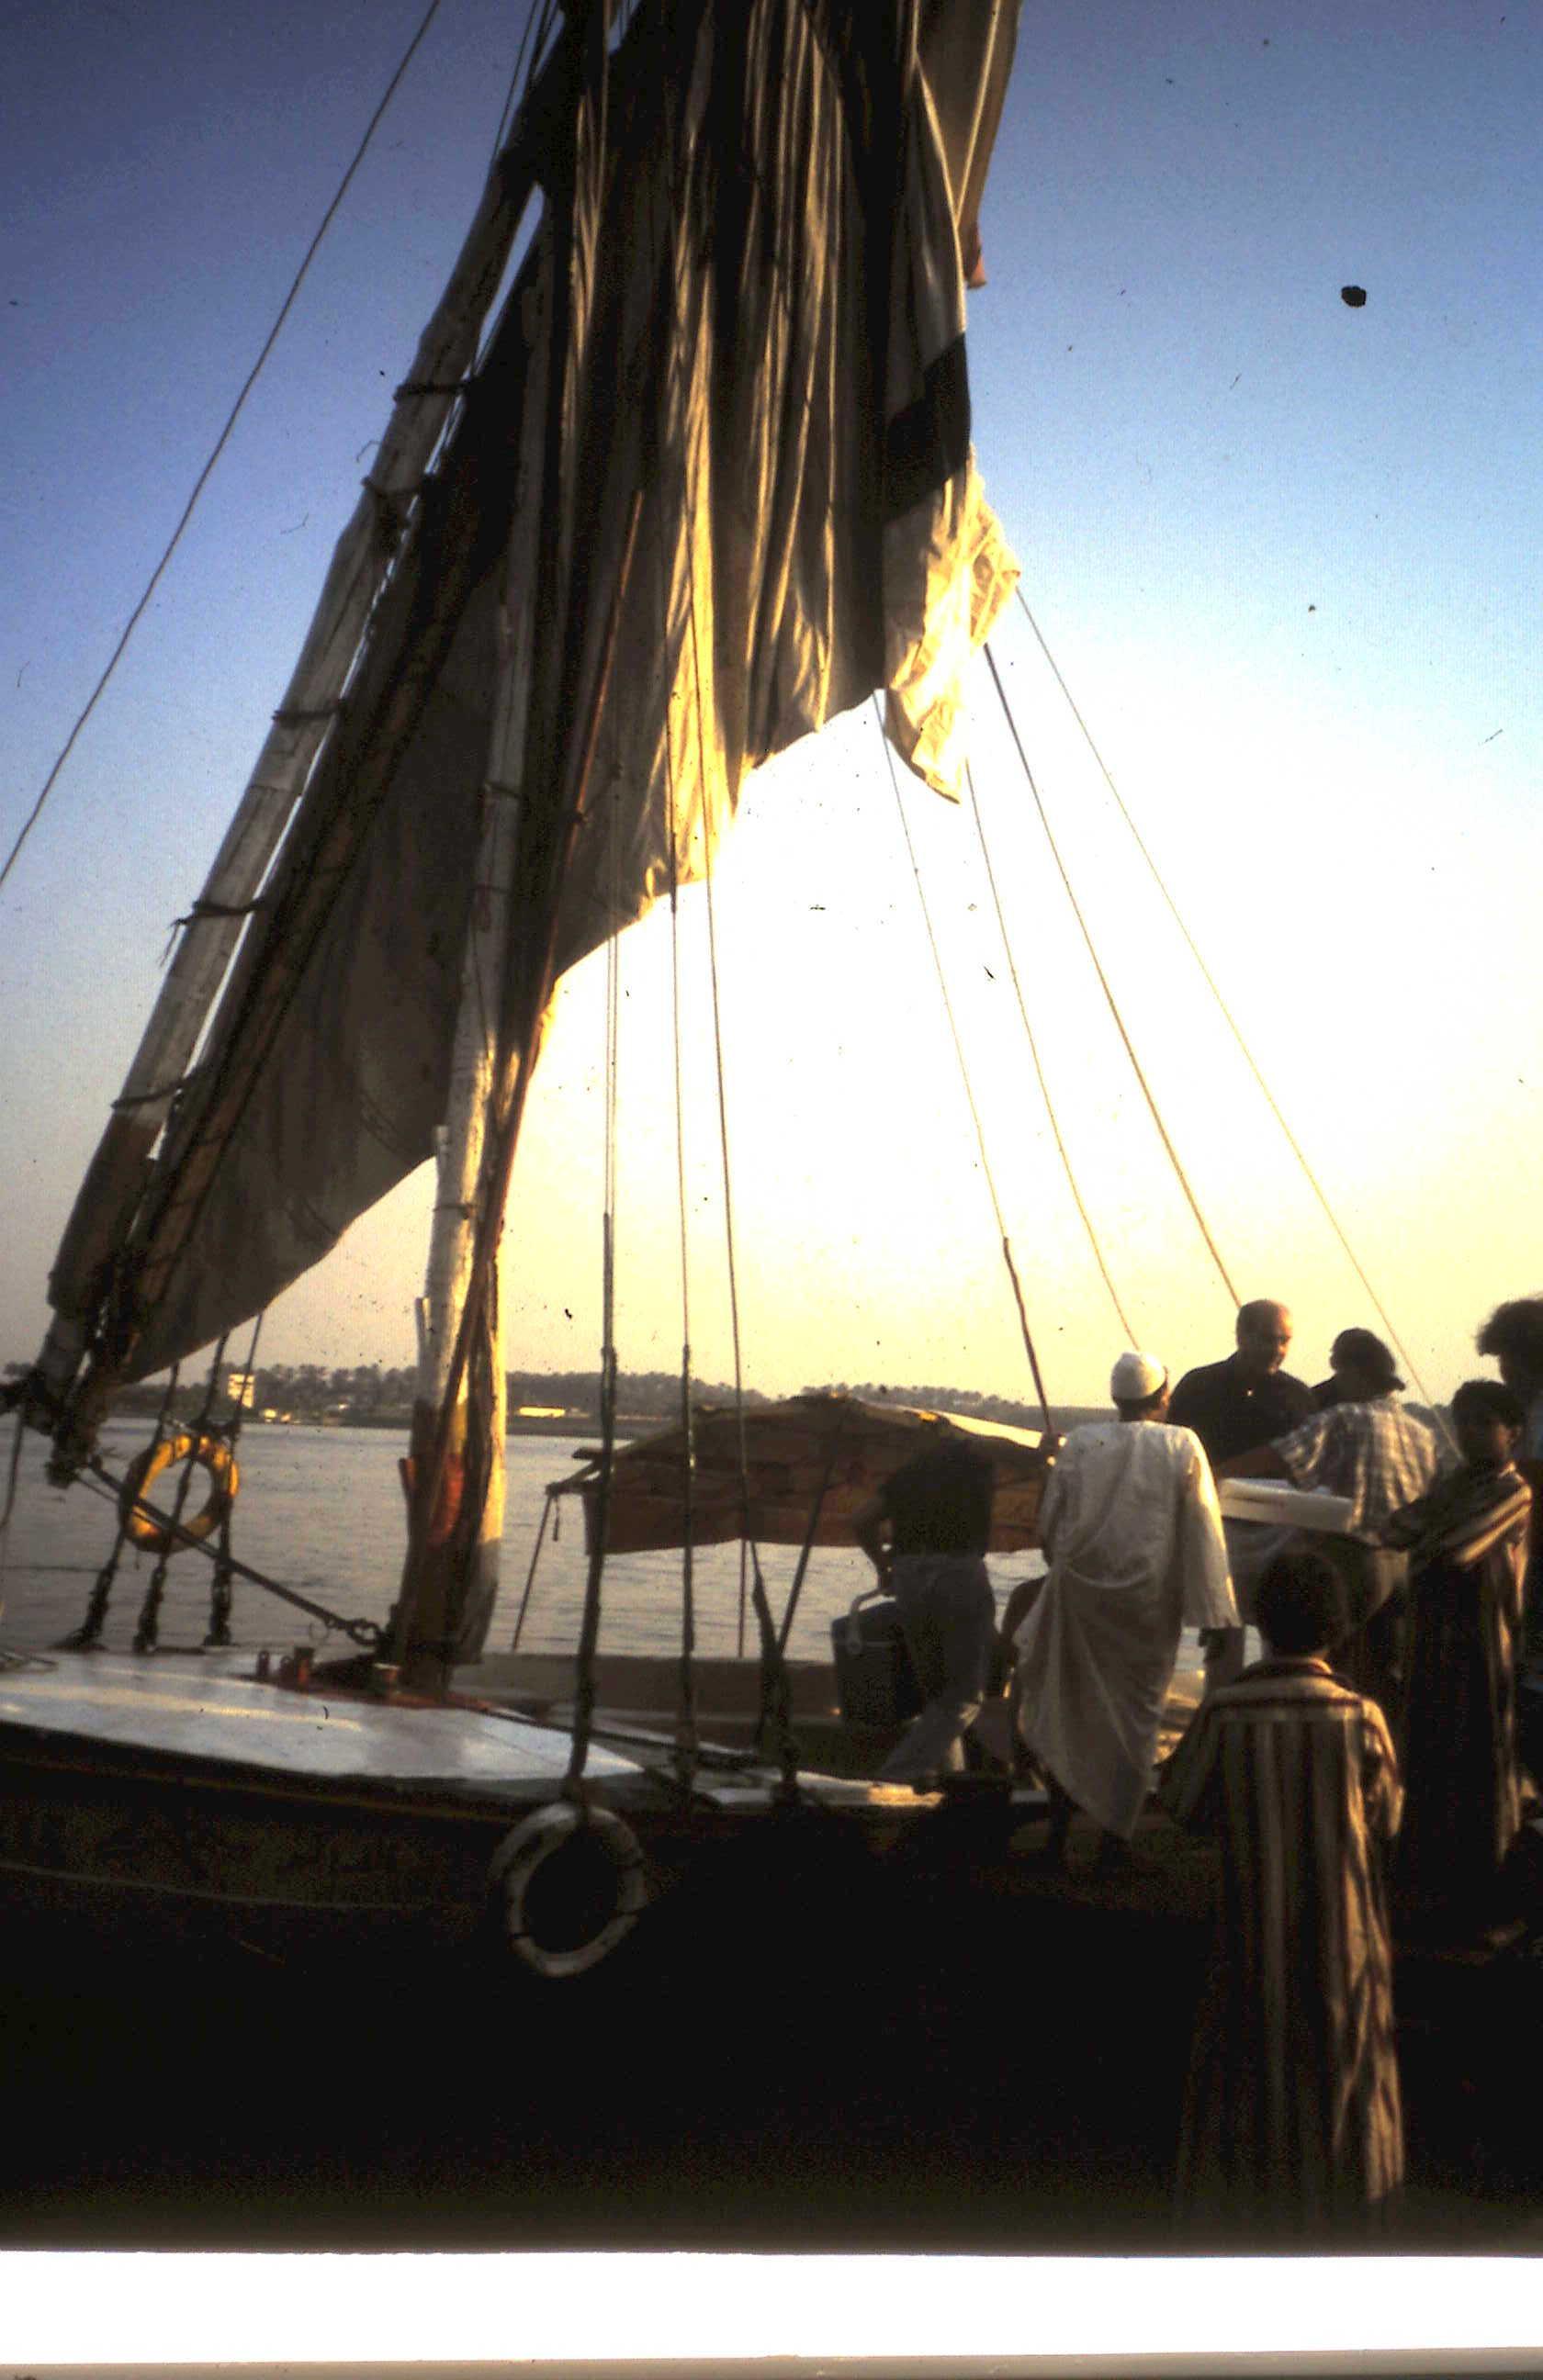 1986-03-01 Falukadinner auf dem Nil